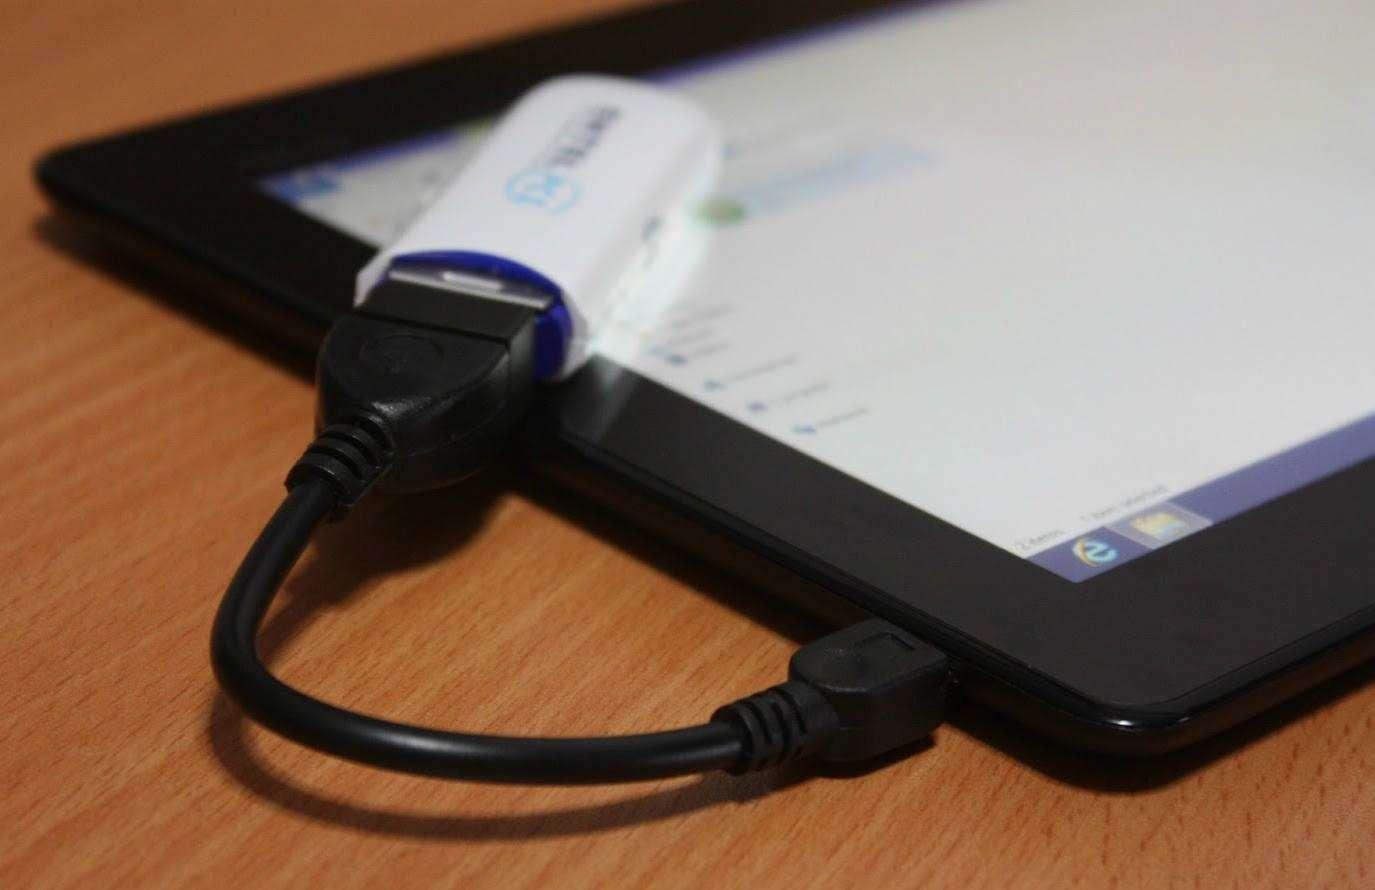 Як підключити 3g usb-модем до планшета на Андроїд? — Керівництво